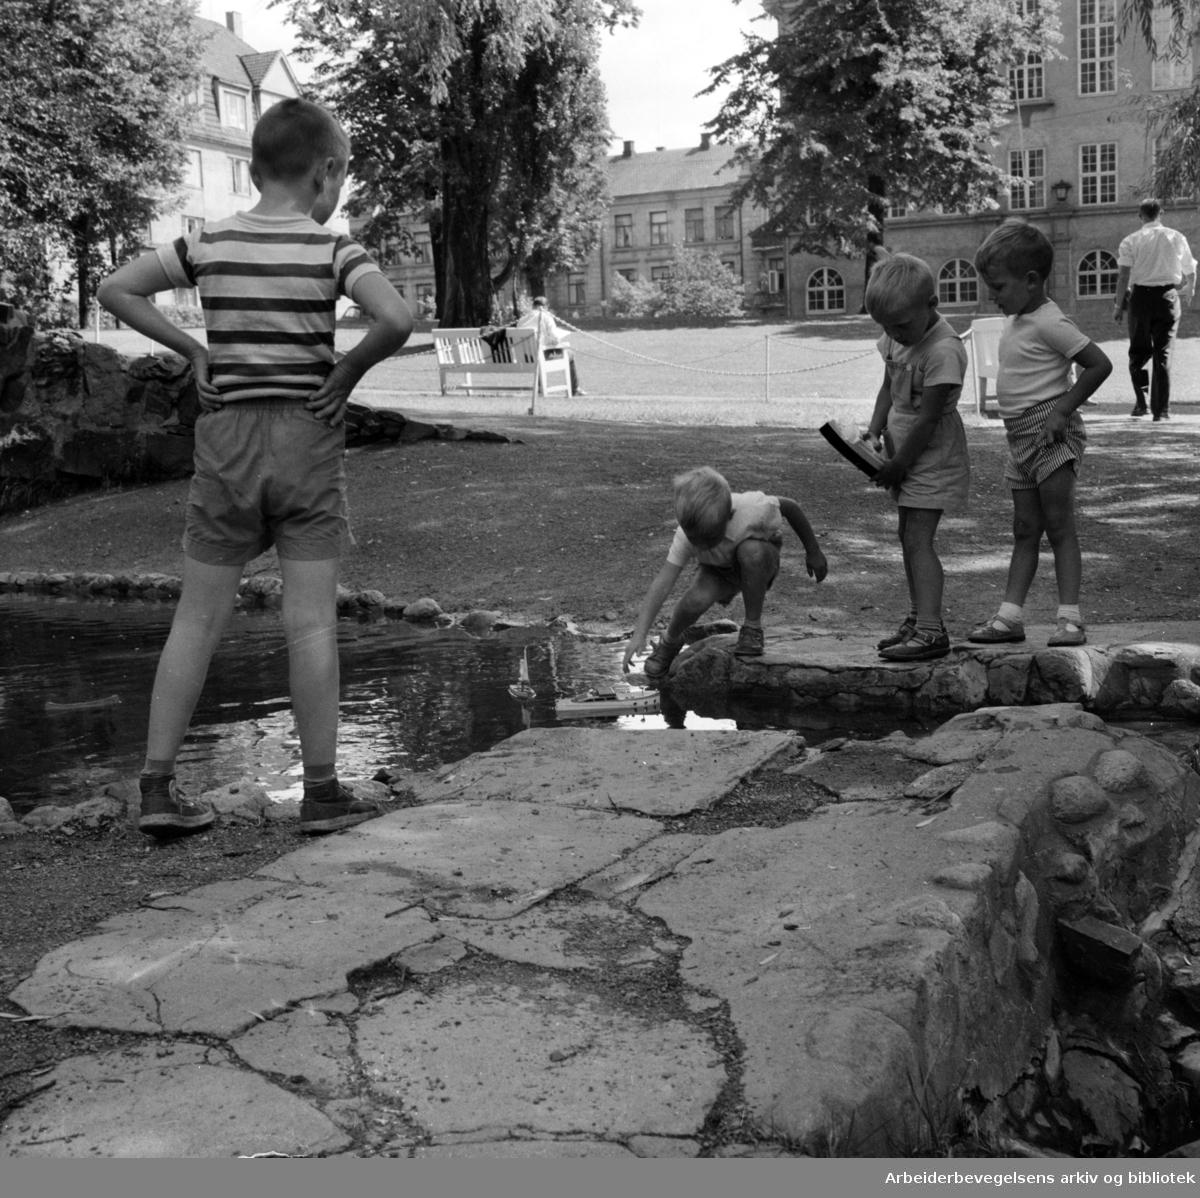 St.Hanshaugen. Juli 1957